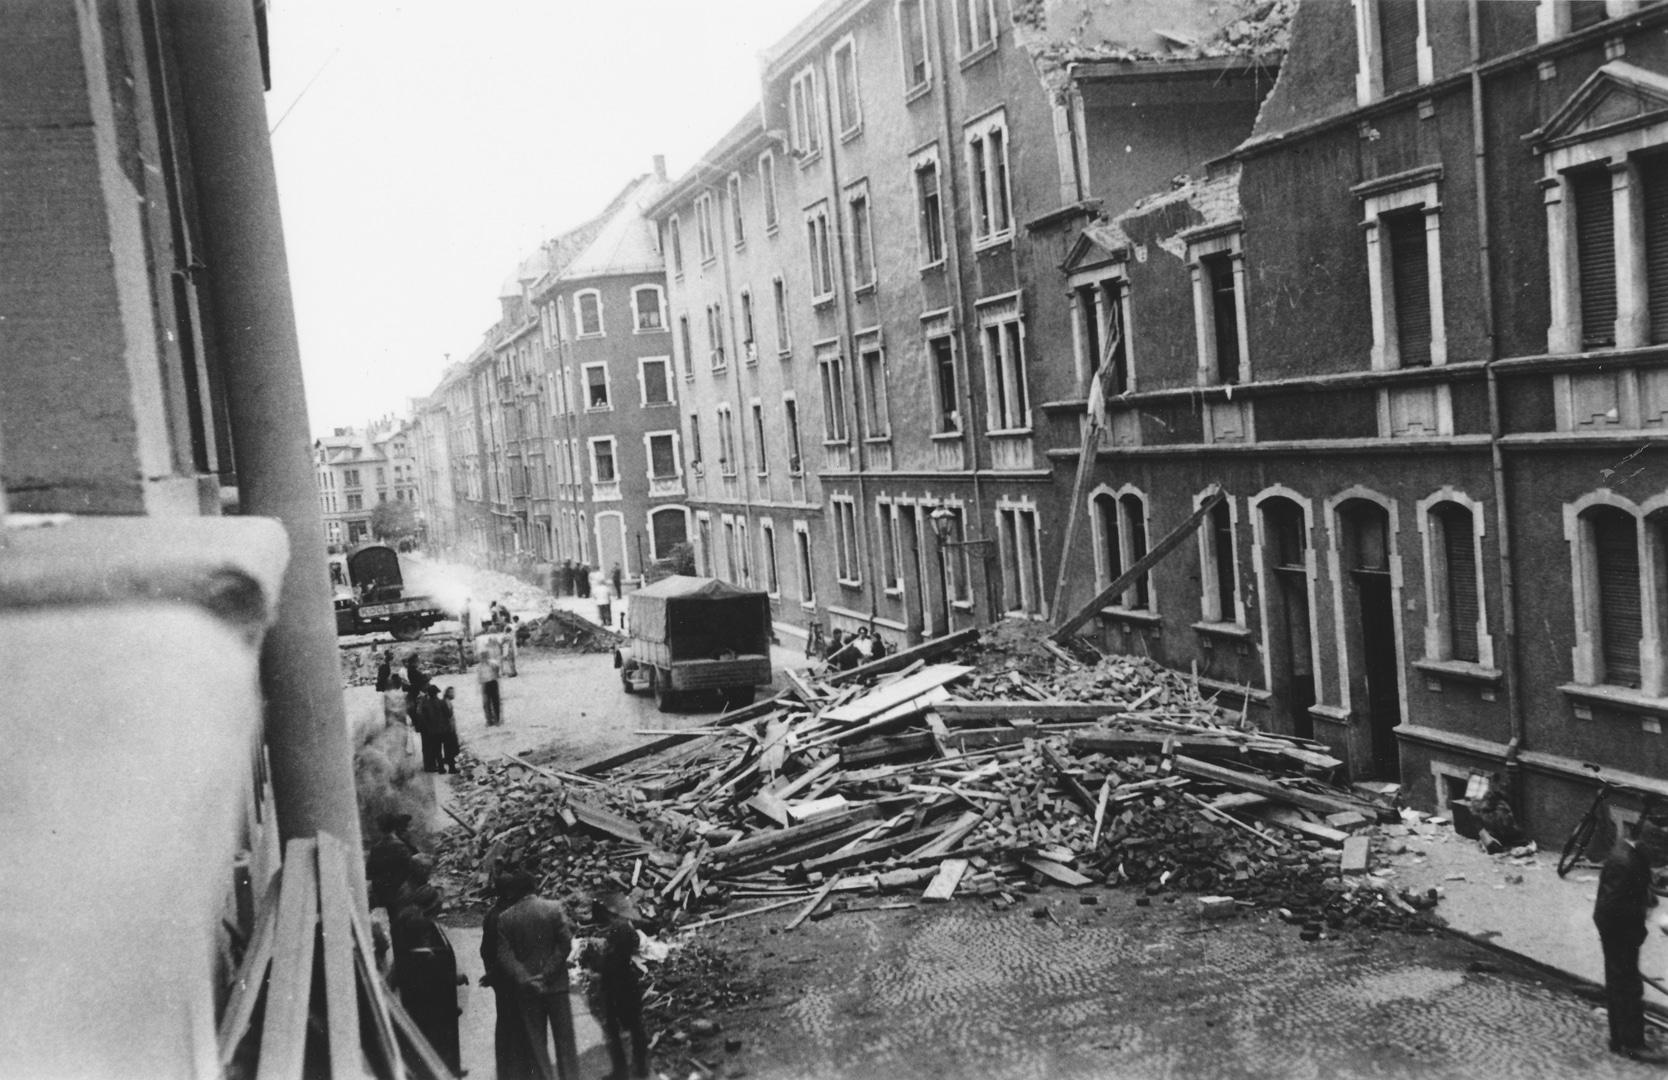 Auswirkungen eines Bombenangriffs am 21. Juli 1941